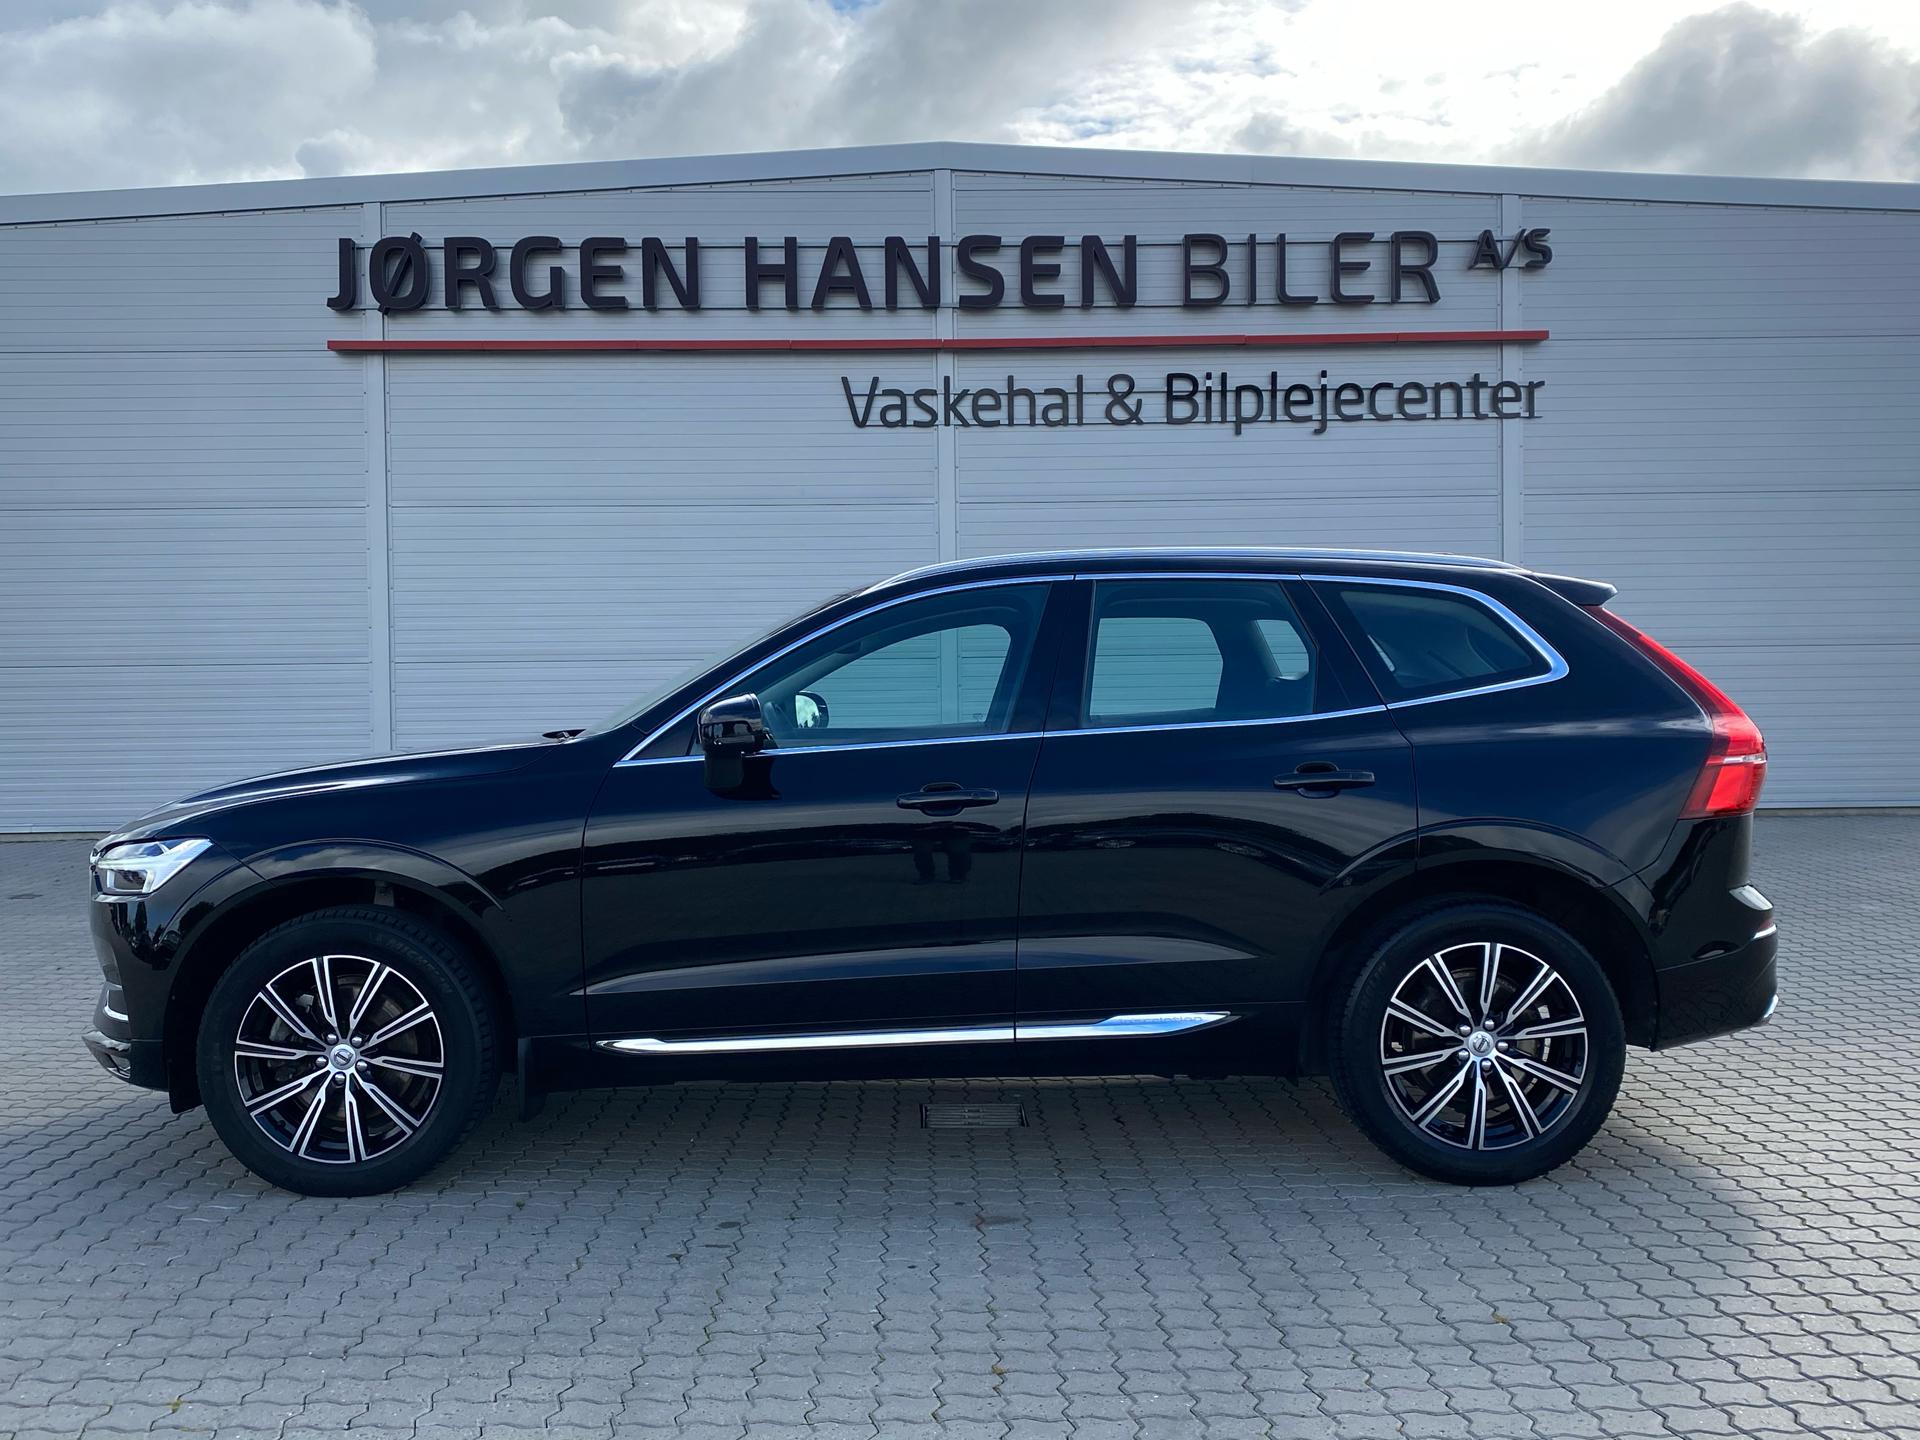 Billede af Volvo XC60 2,0 D4 Inscription AWD 190HK 5d 8g Aut.